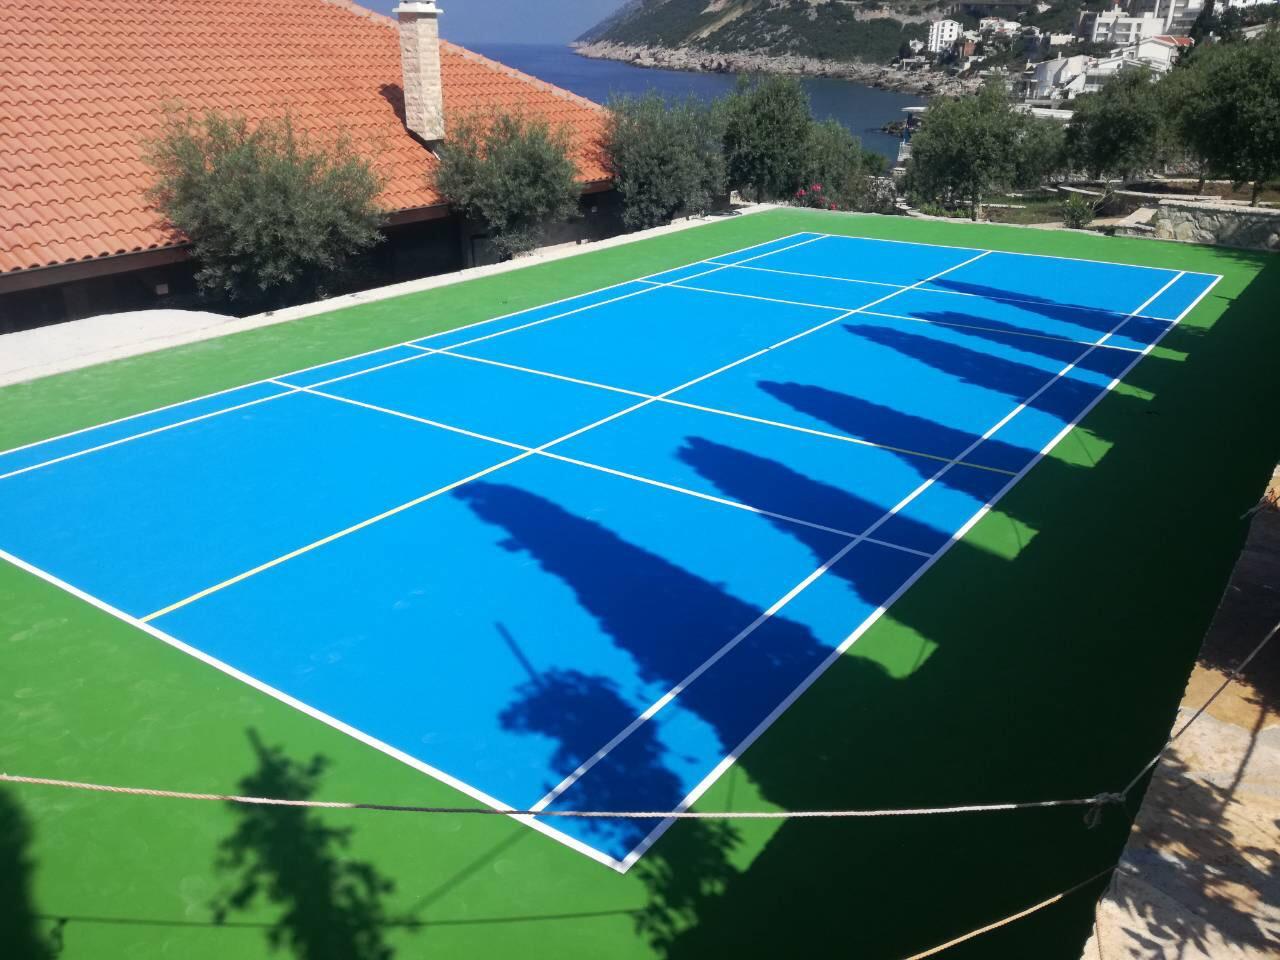 podloga za teniski teren